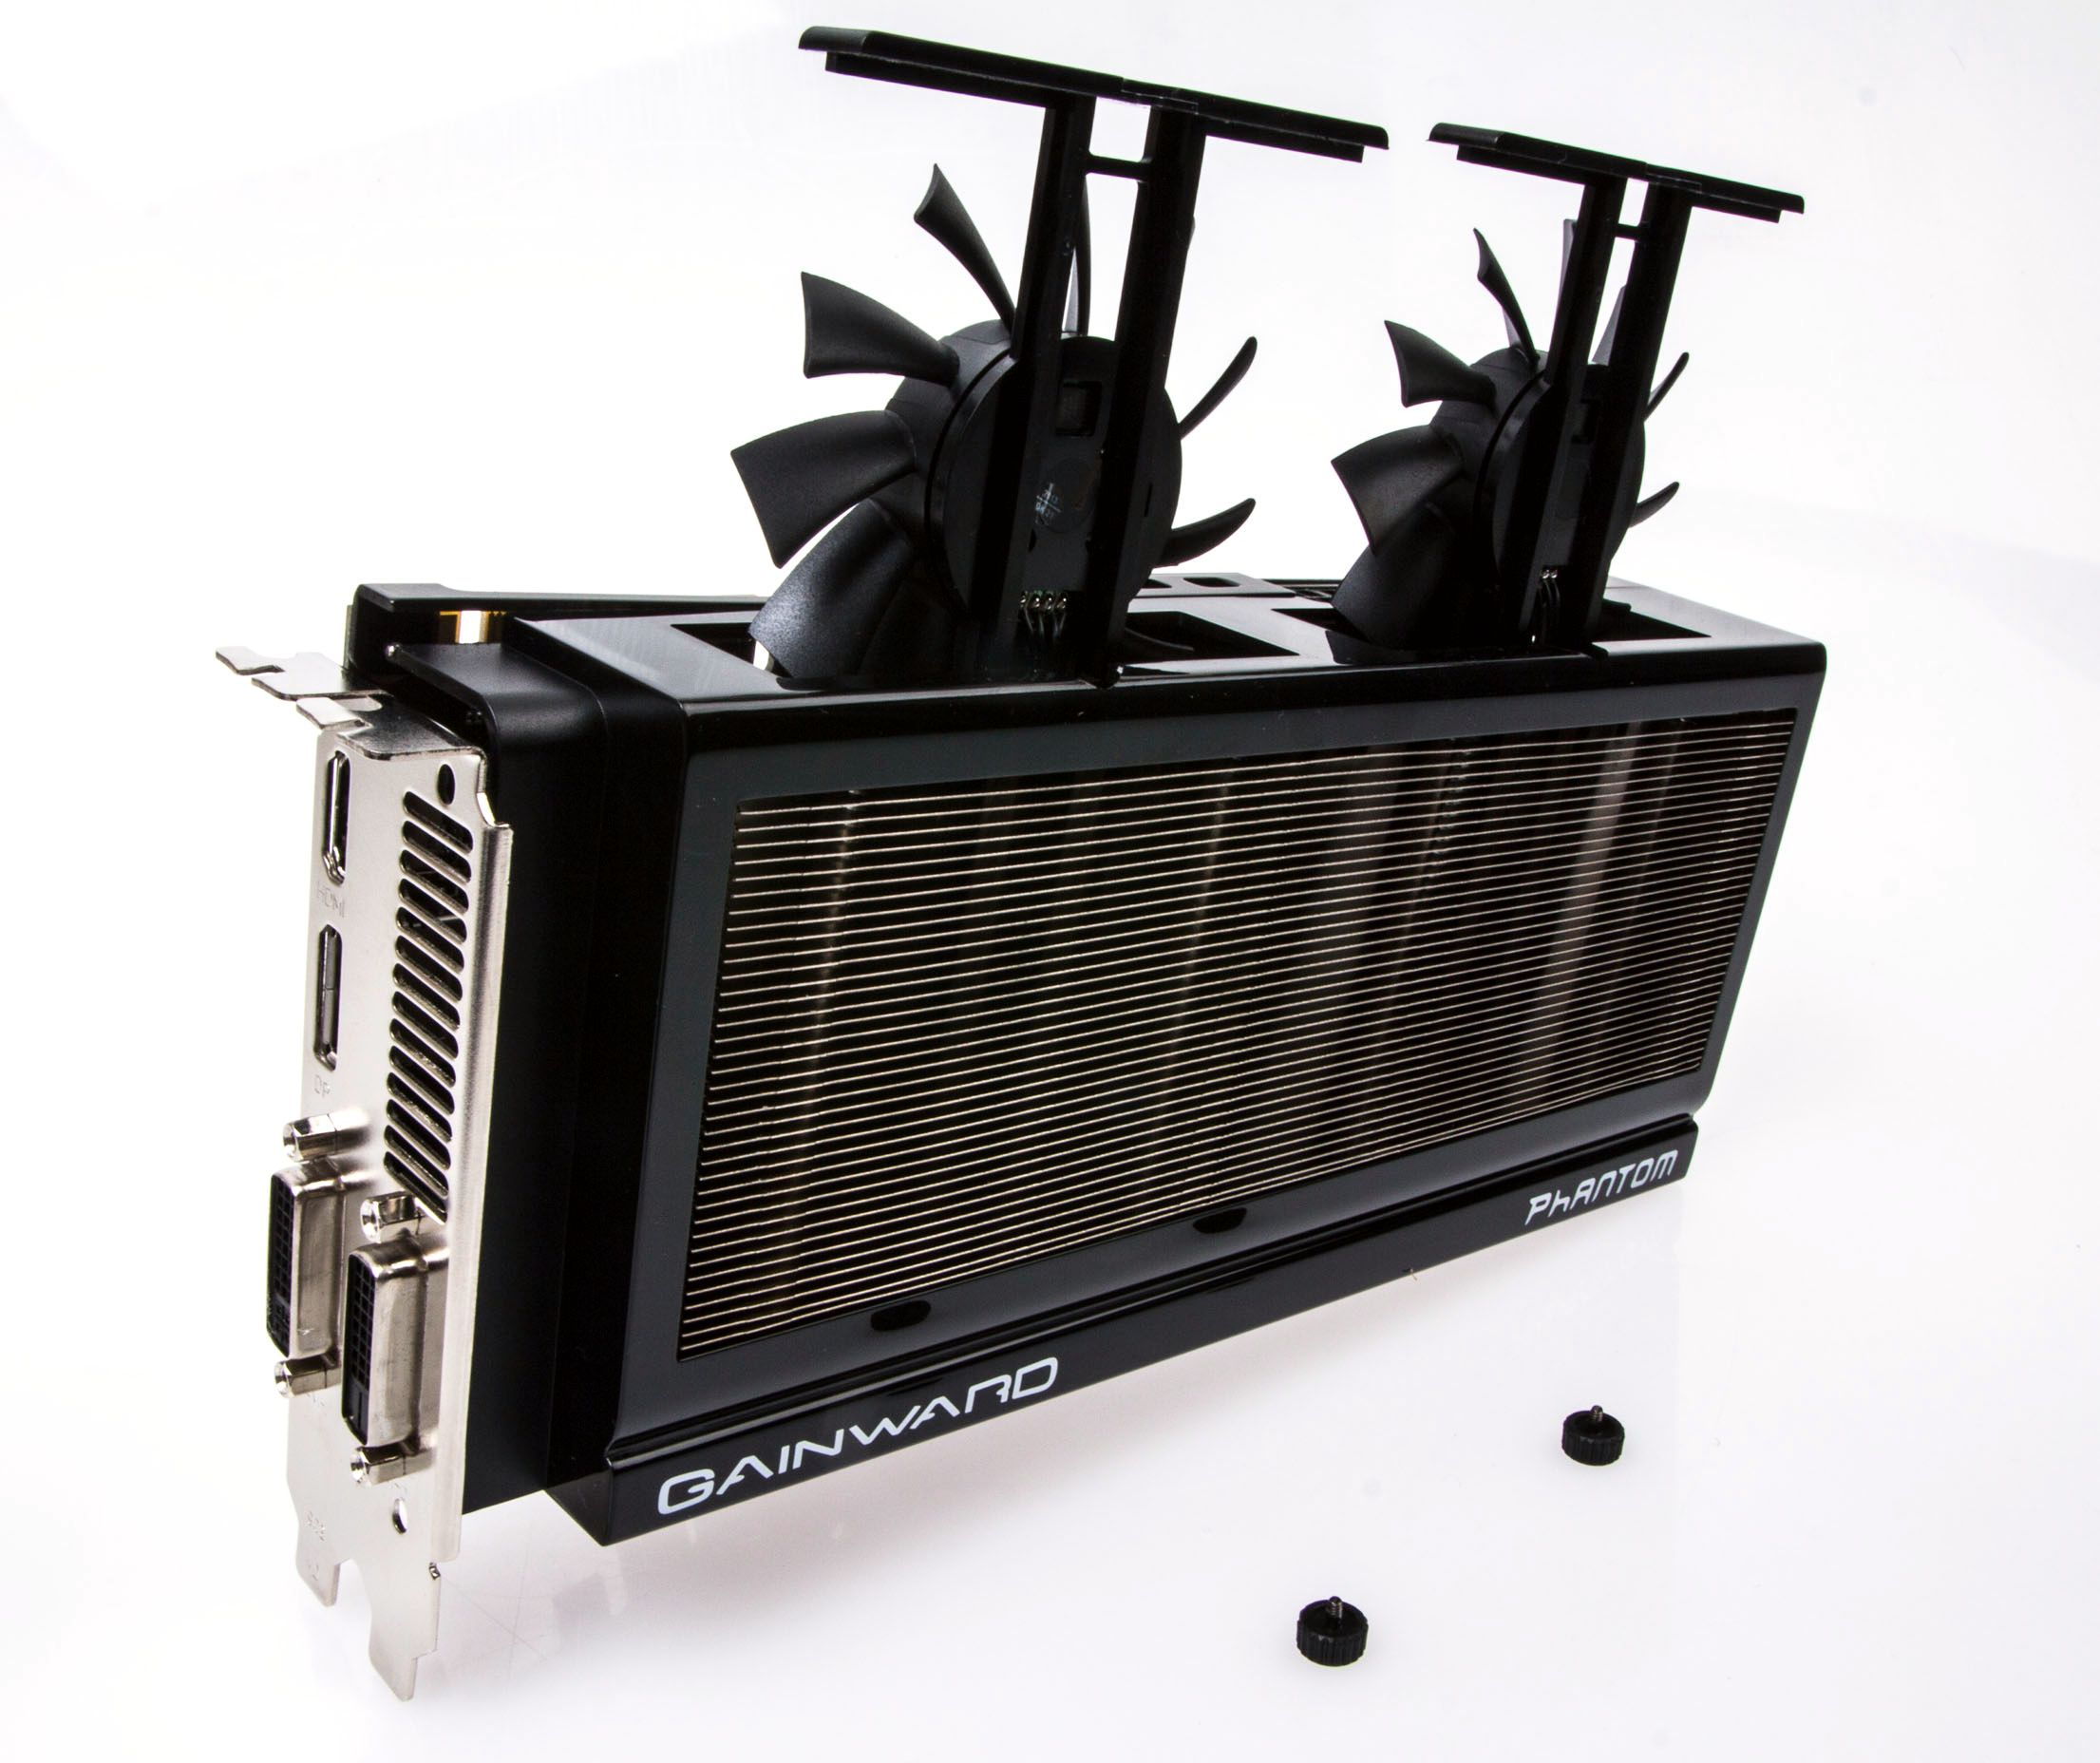 Dette skal gjøre det enkelt å rense viftene for støv, mener Gainward.Foto: Varg Aamo, Hardware.no